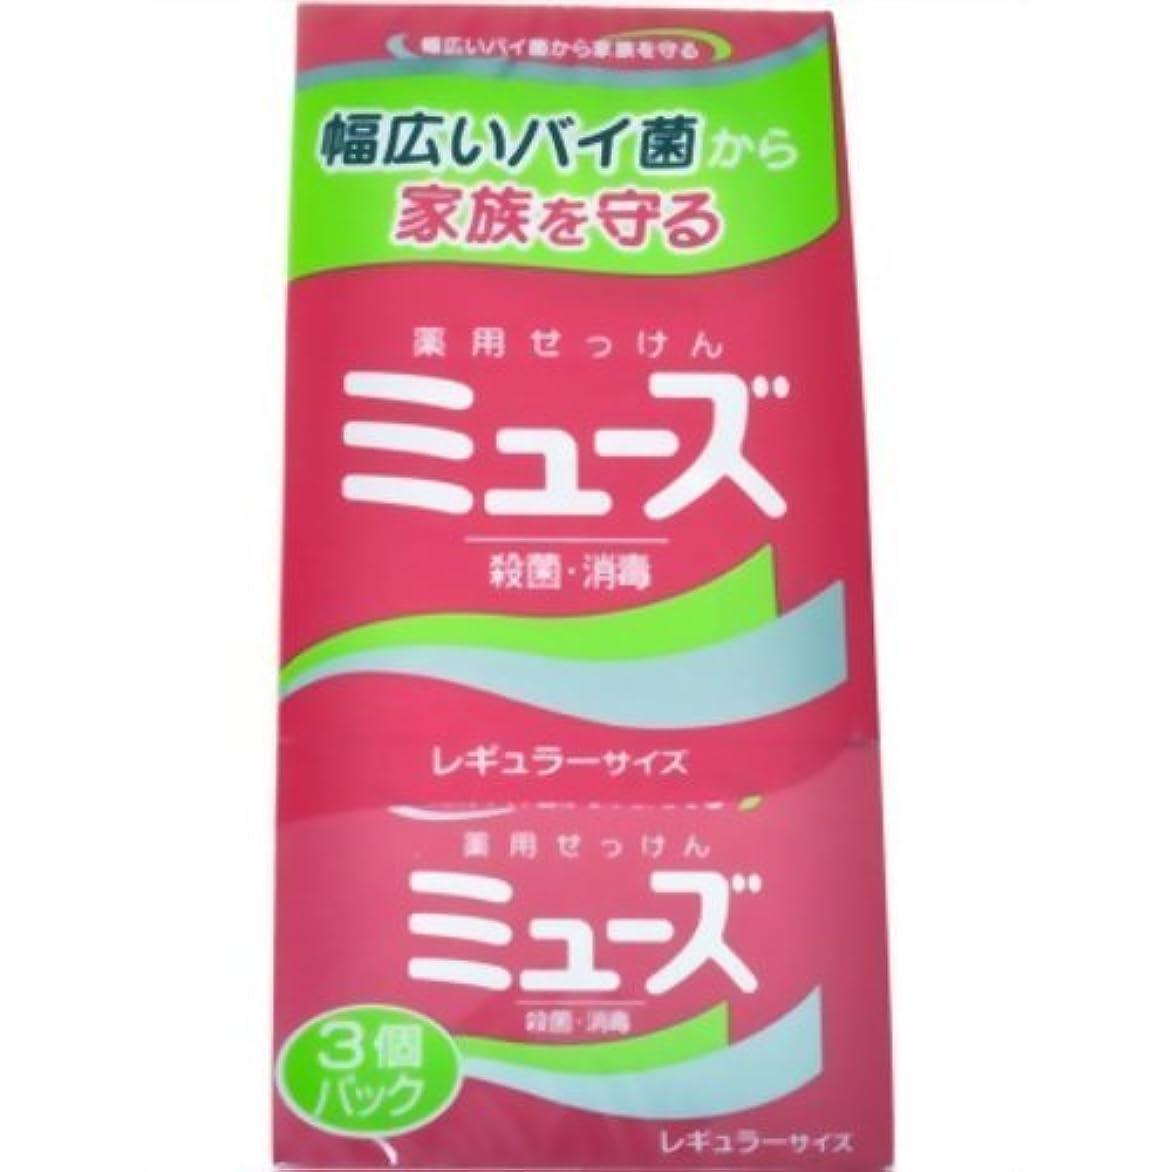 の配列不道徳性交ミューズ石鹸 レギュラー 3P ×3個セット